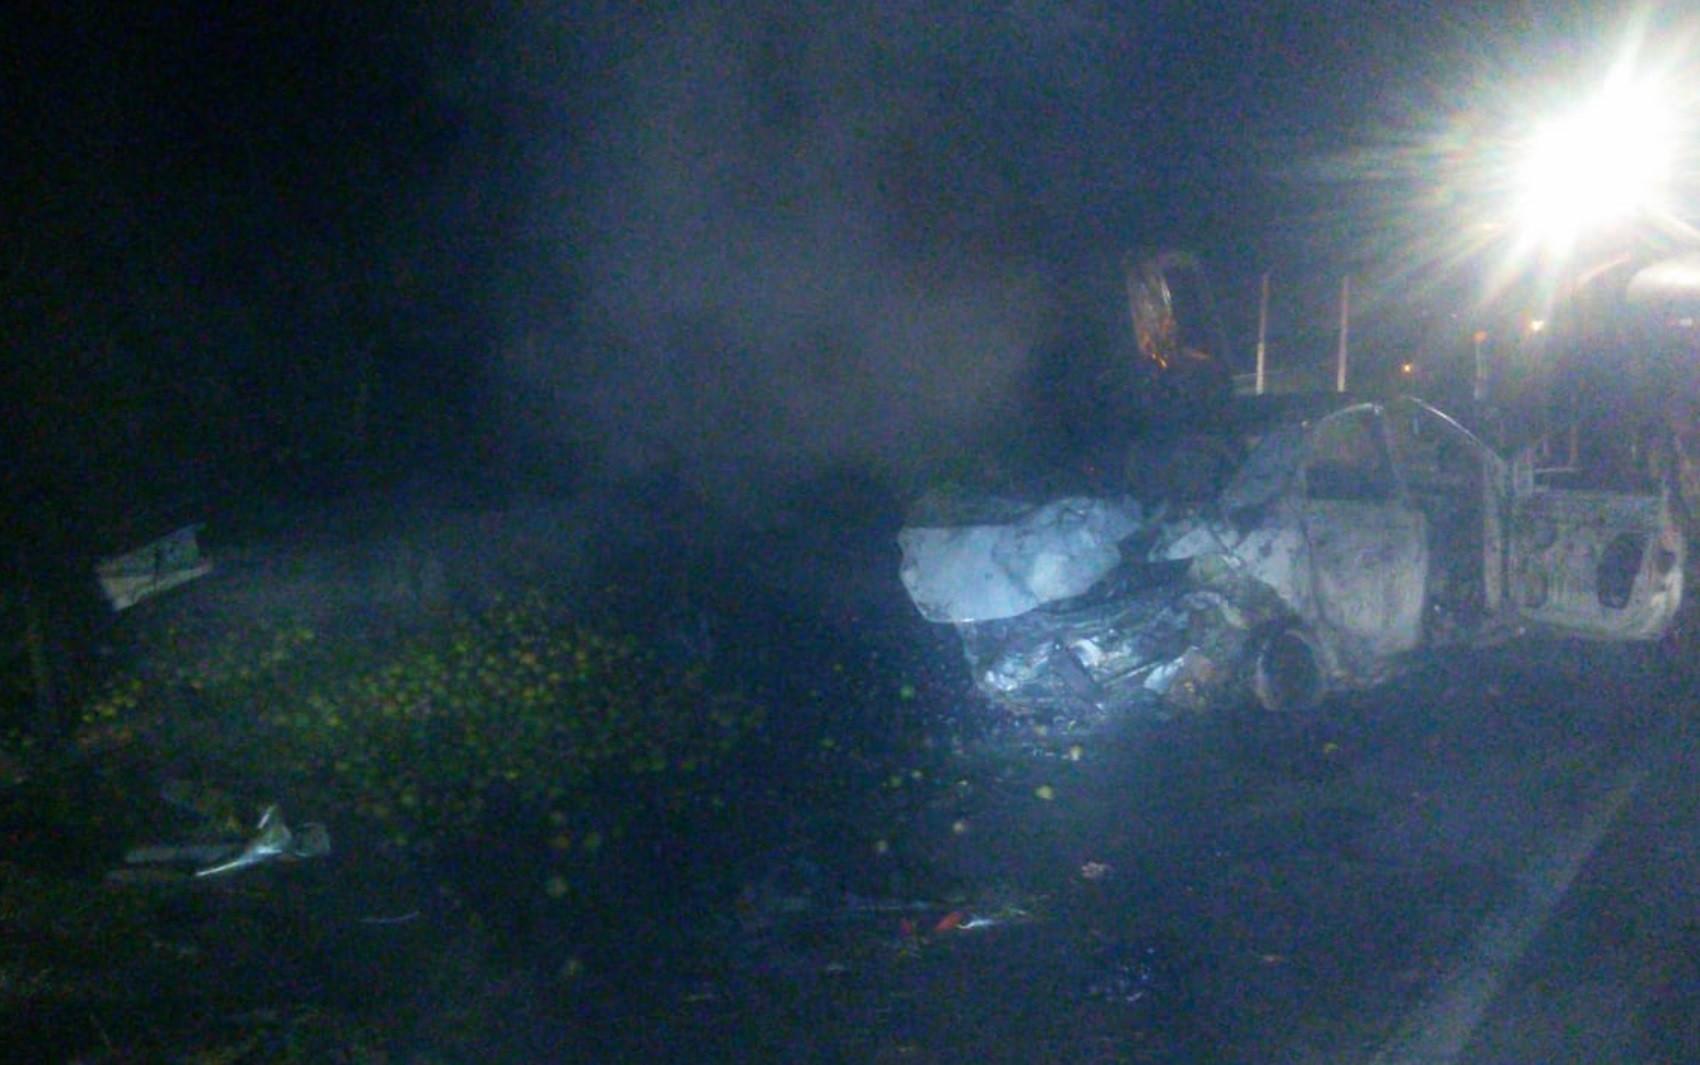 Acidente deixa ao menos uma pessoa morta e quatro feridas na BR-060 em Alexânia, GO